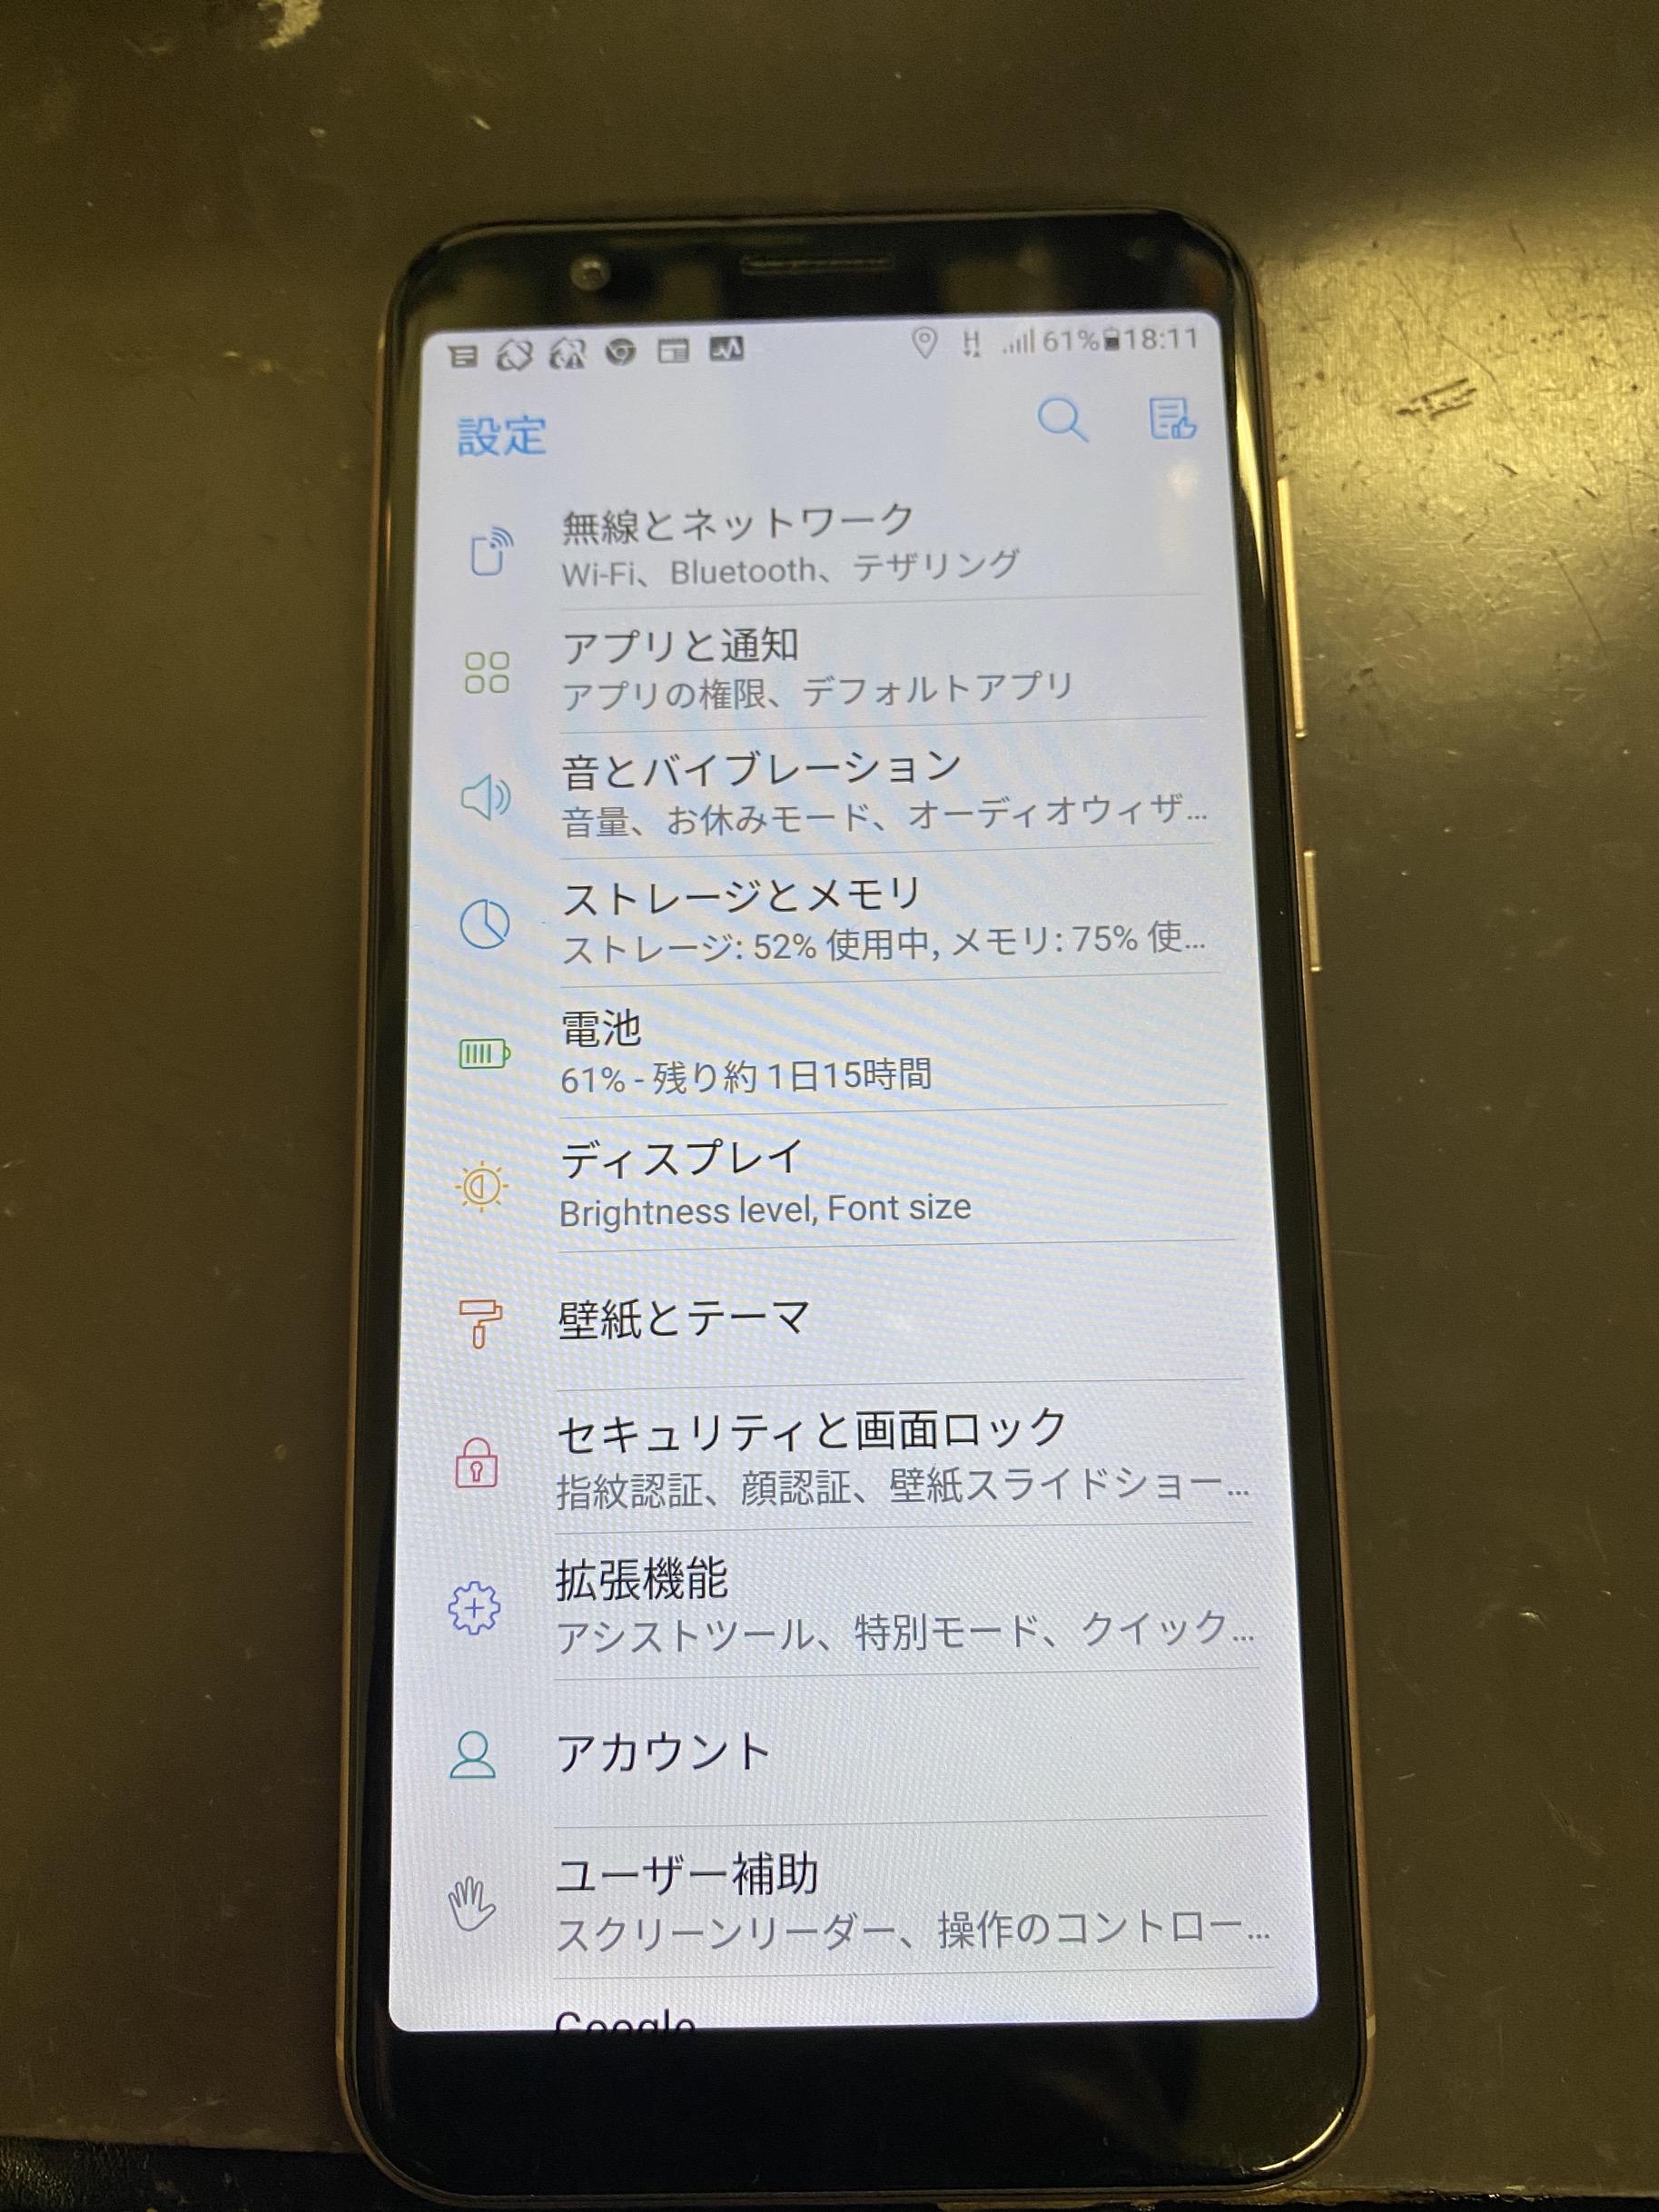 水没したandroid端末の復旧率はどれくらい Xperia Galaxy Zenfone Huawei Nexus修理のアンドロイドホスピタル